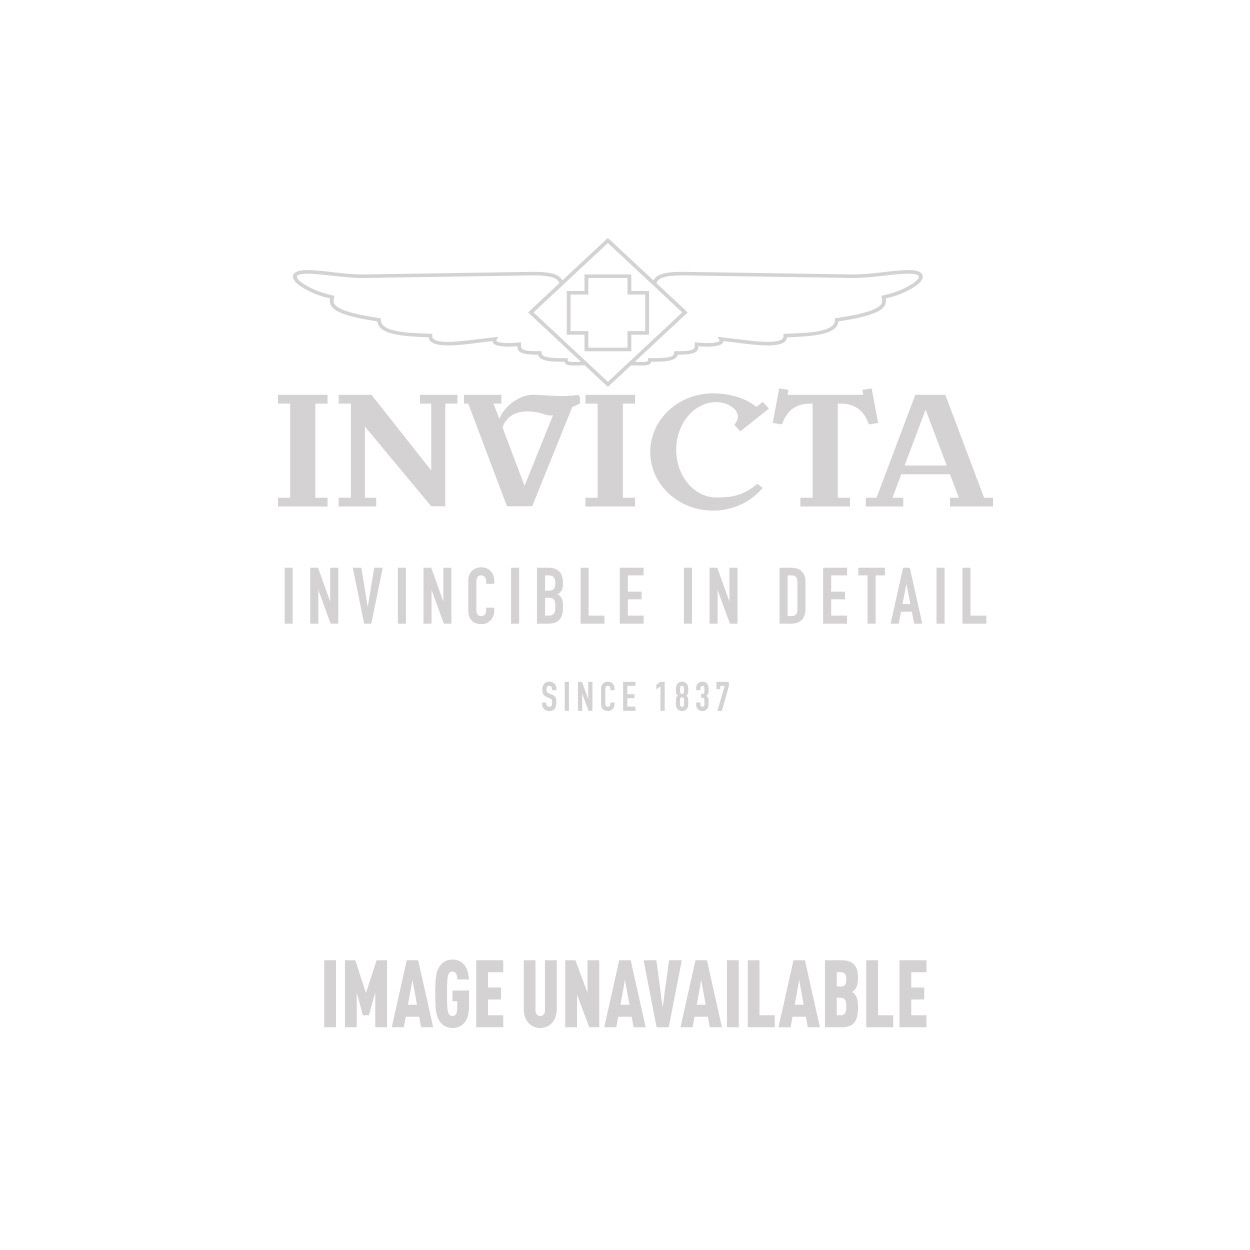 Invicta Model 27176